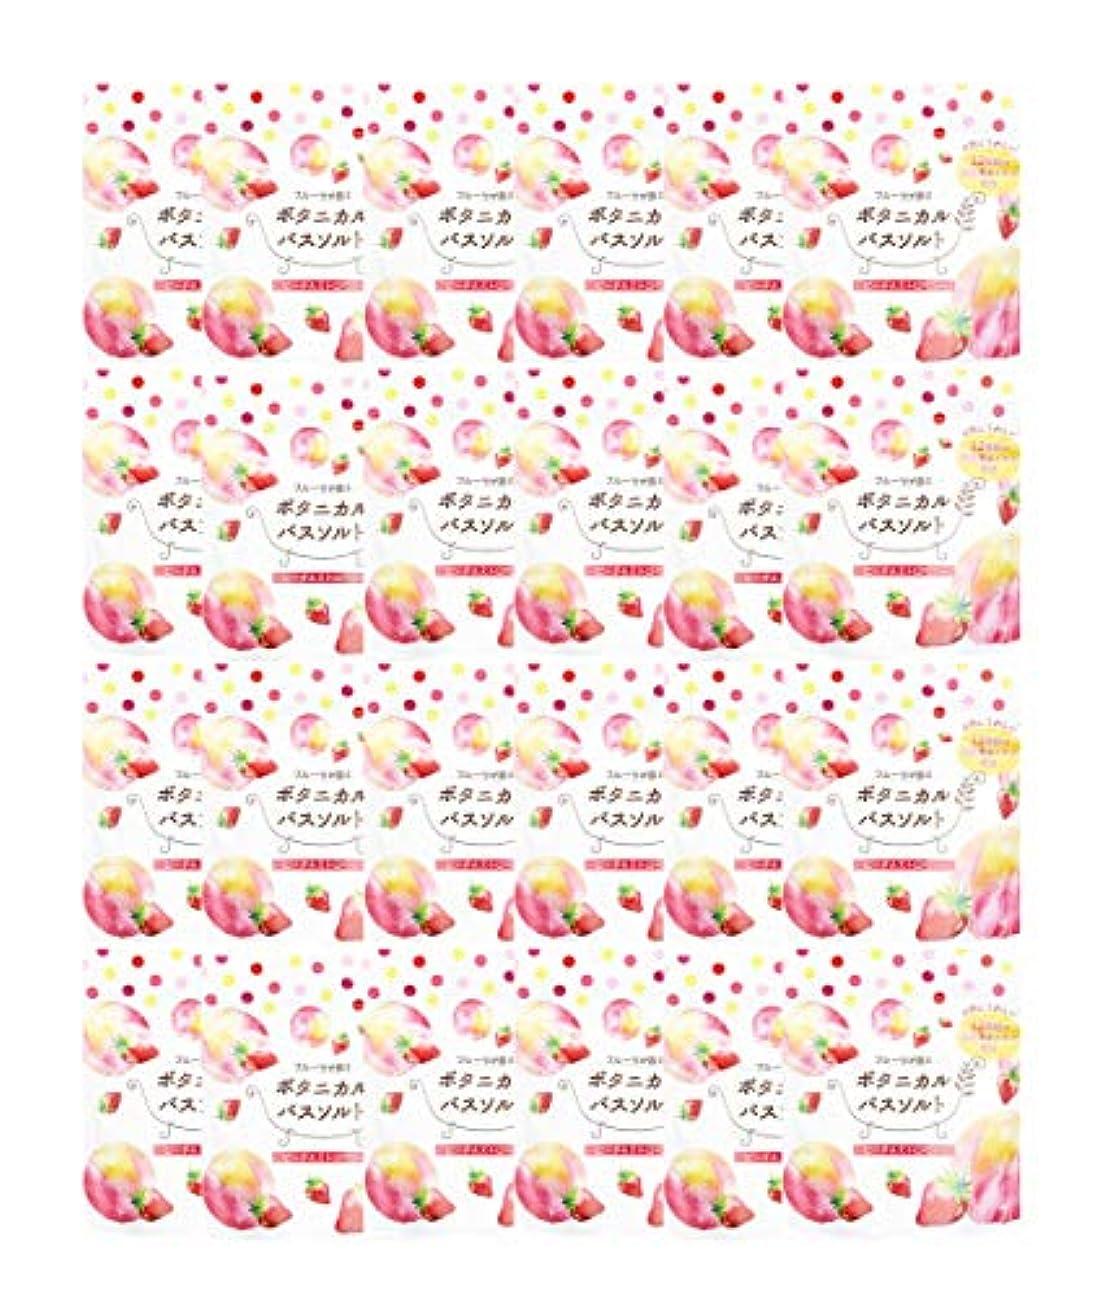 ダイジェスト行商として松田医薬品 フルーツが香るボタニカルバスソルト ピーチ&ストロベリー 30g 24個セット